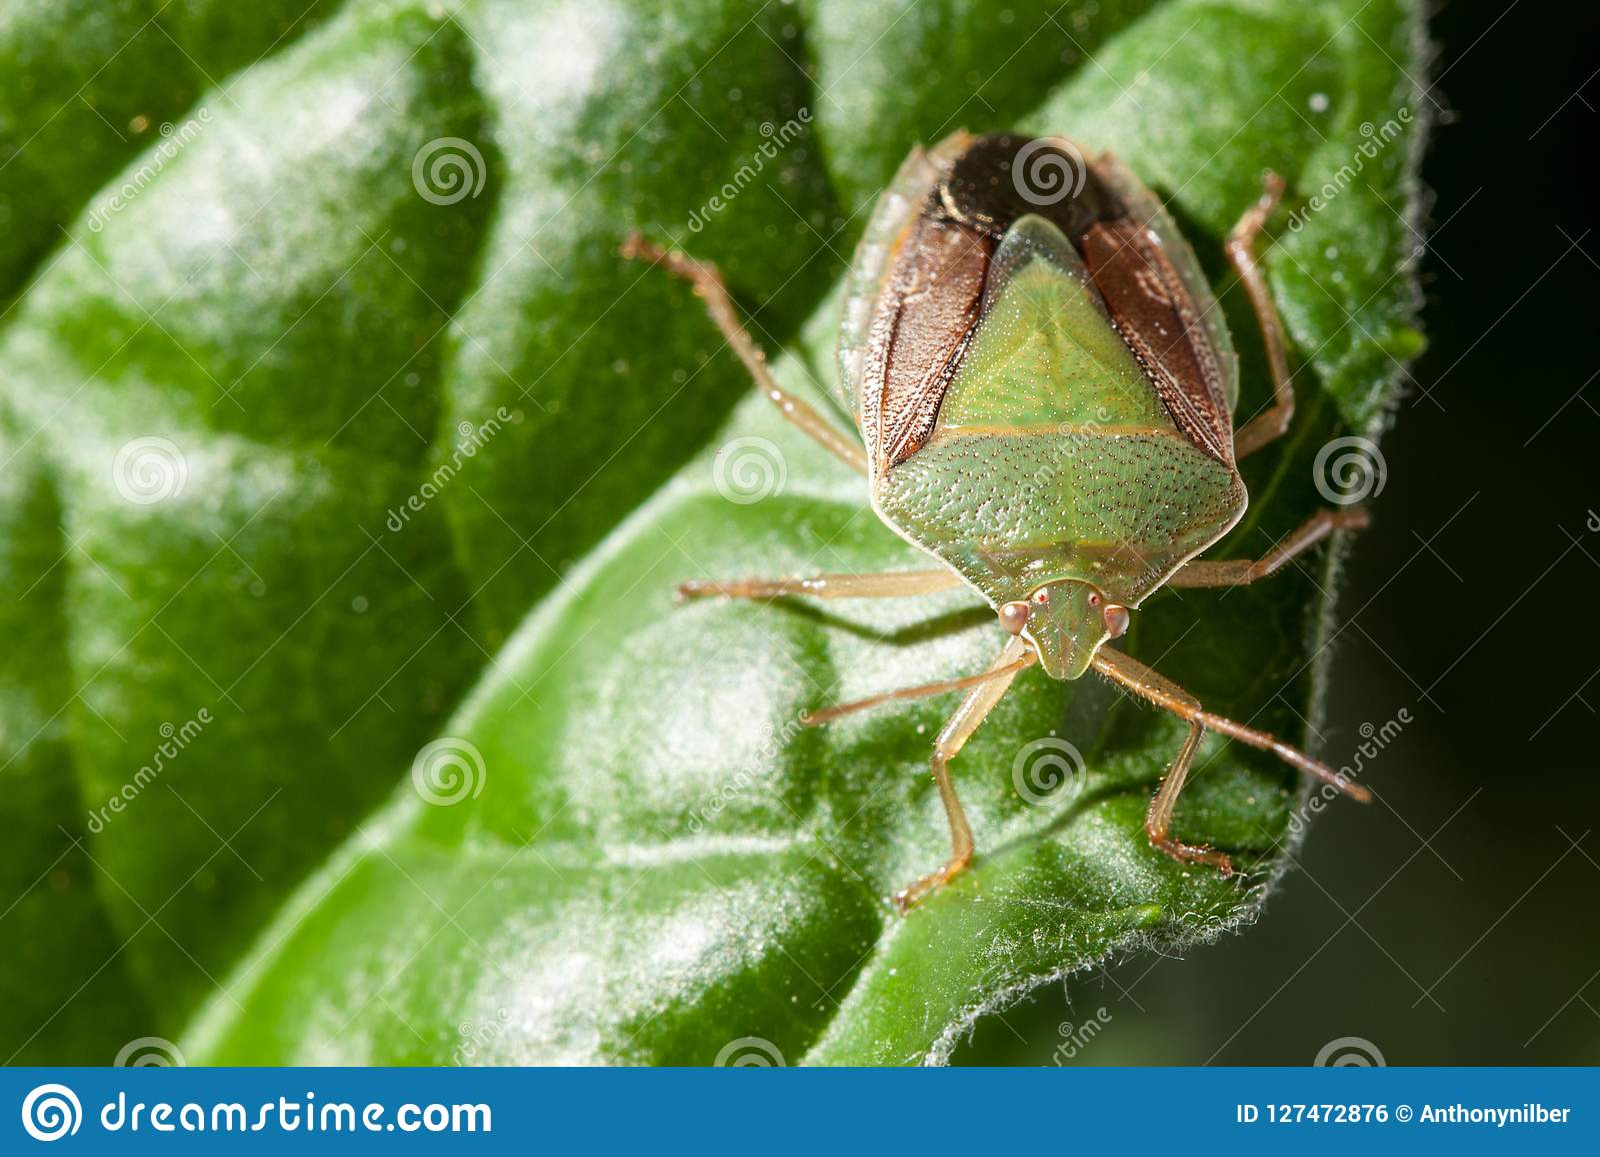 Bedbug Insect On Leaf Extreme Close Up Photo Stock Photo Image Of